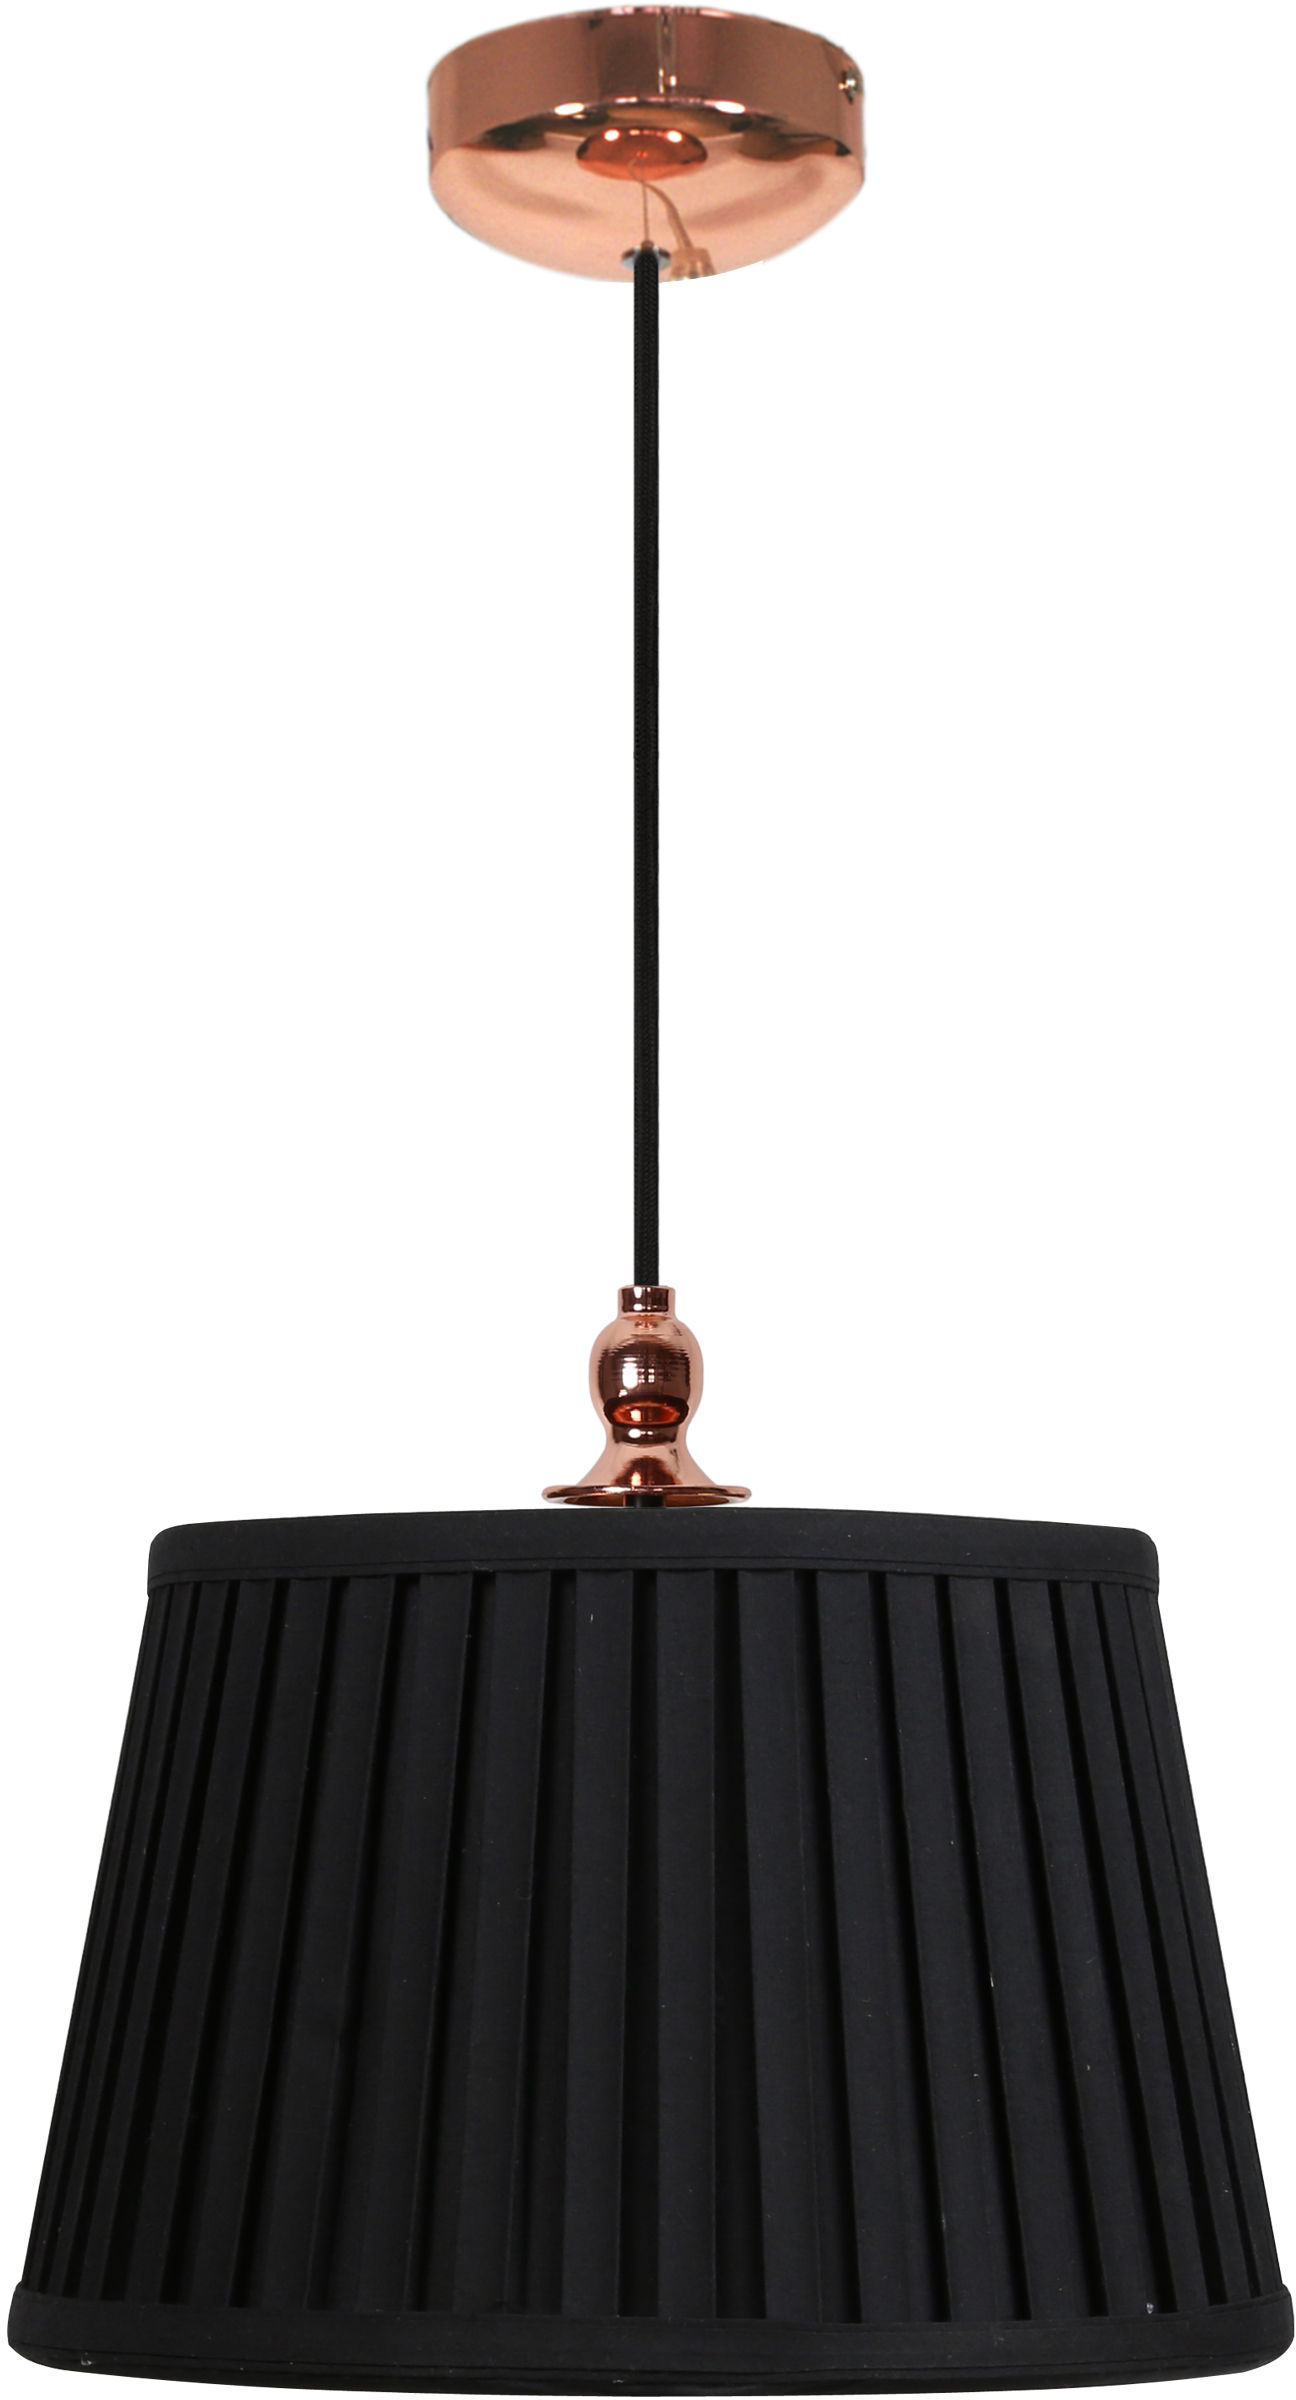 Candellux AMORE 31-39378 lampa wisząca abażur stożek czarny 1X60W E27 miedziany 30cm